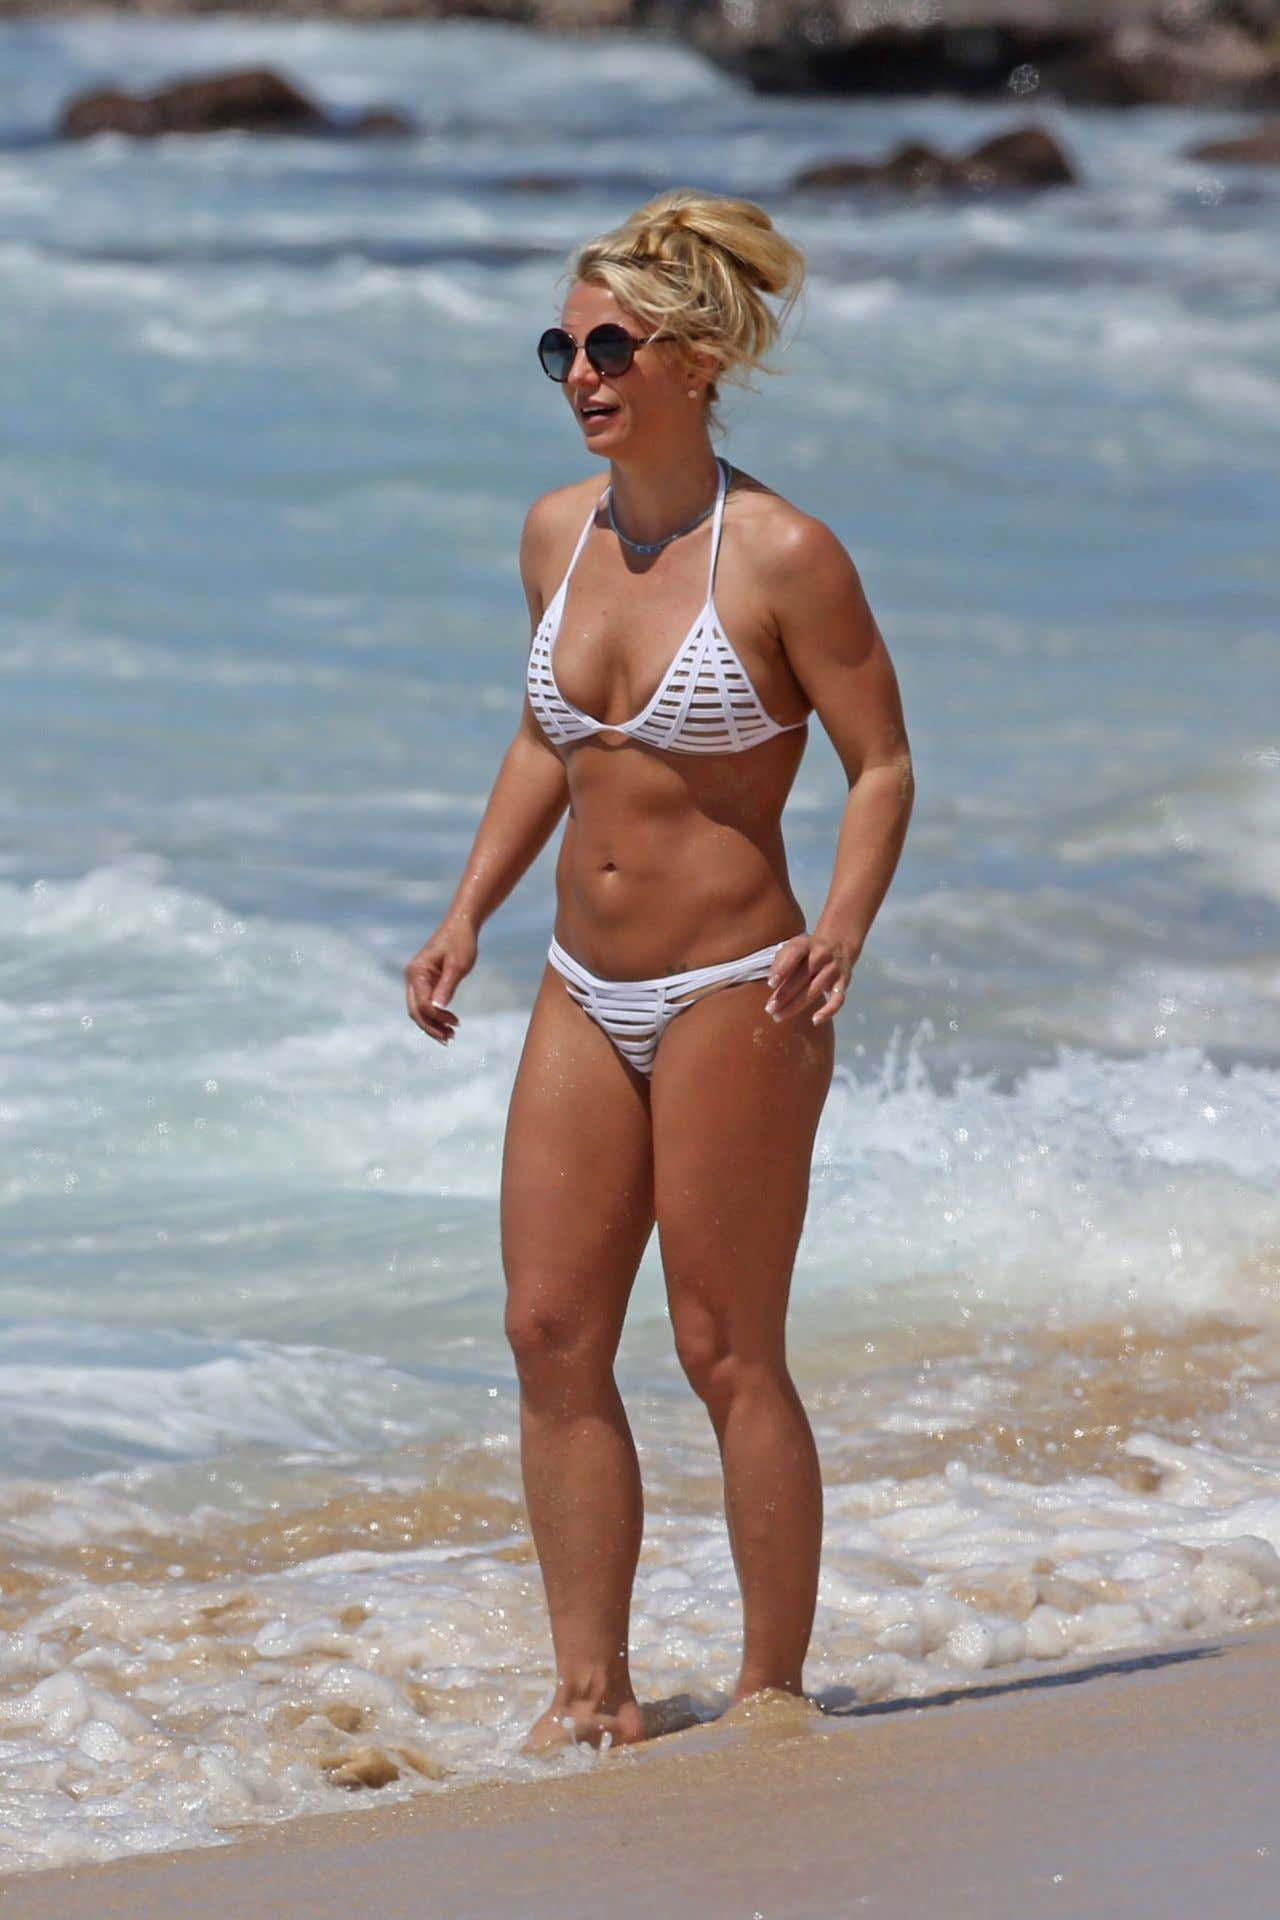 britney-spears-beach-bikini-fun-in-kauai-hawaii-april-2017-1